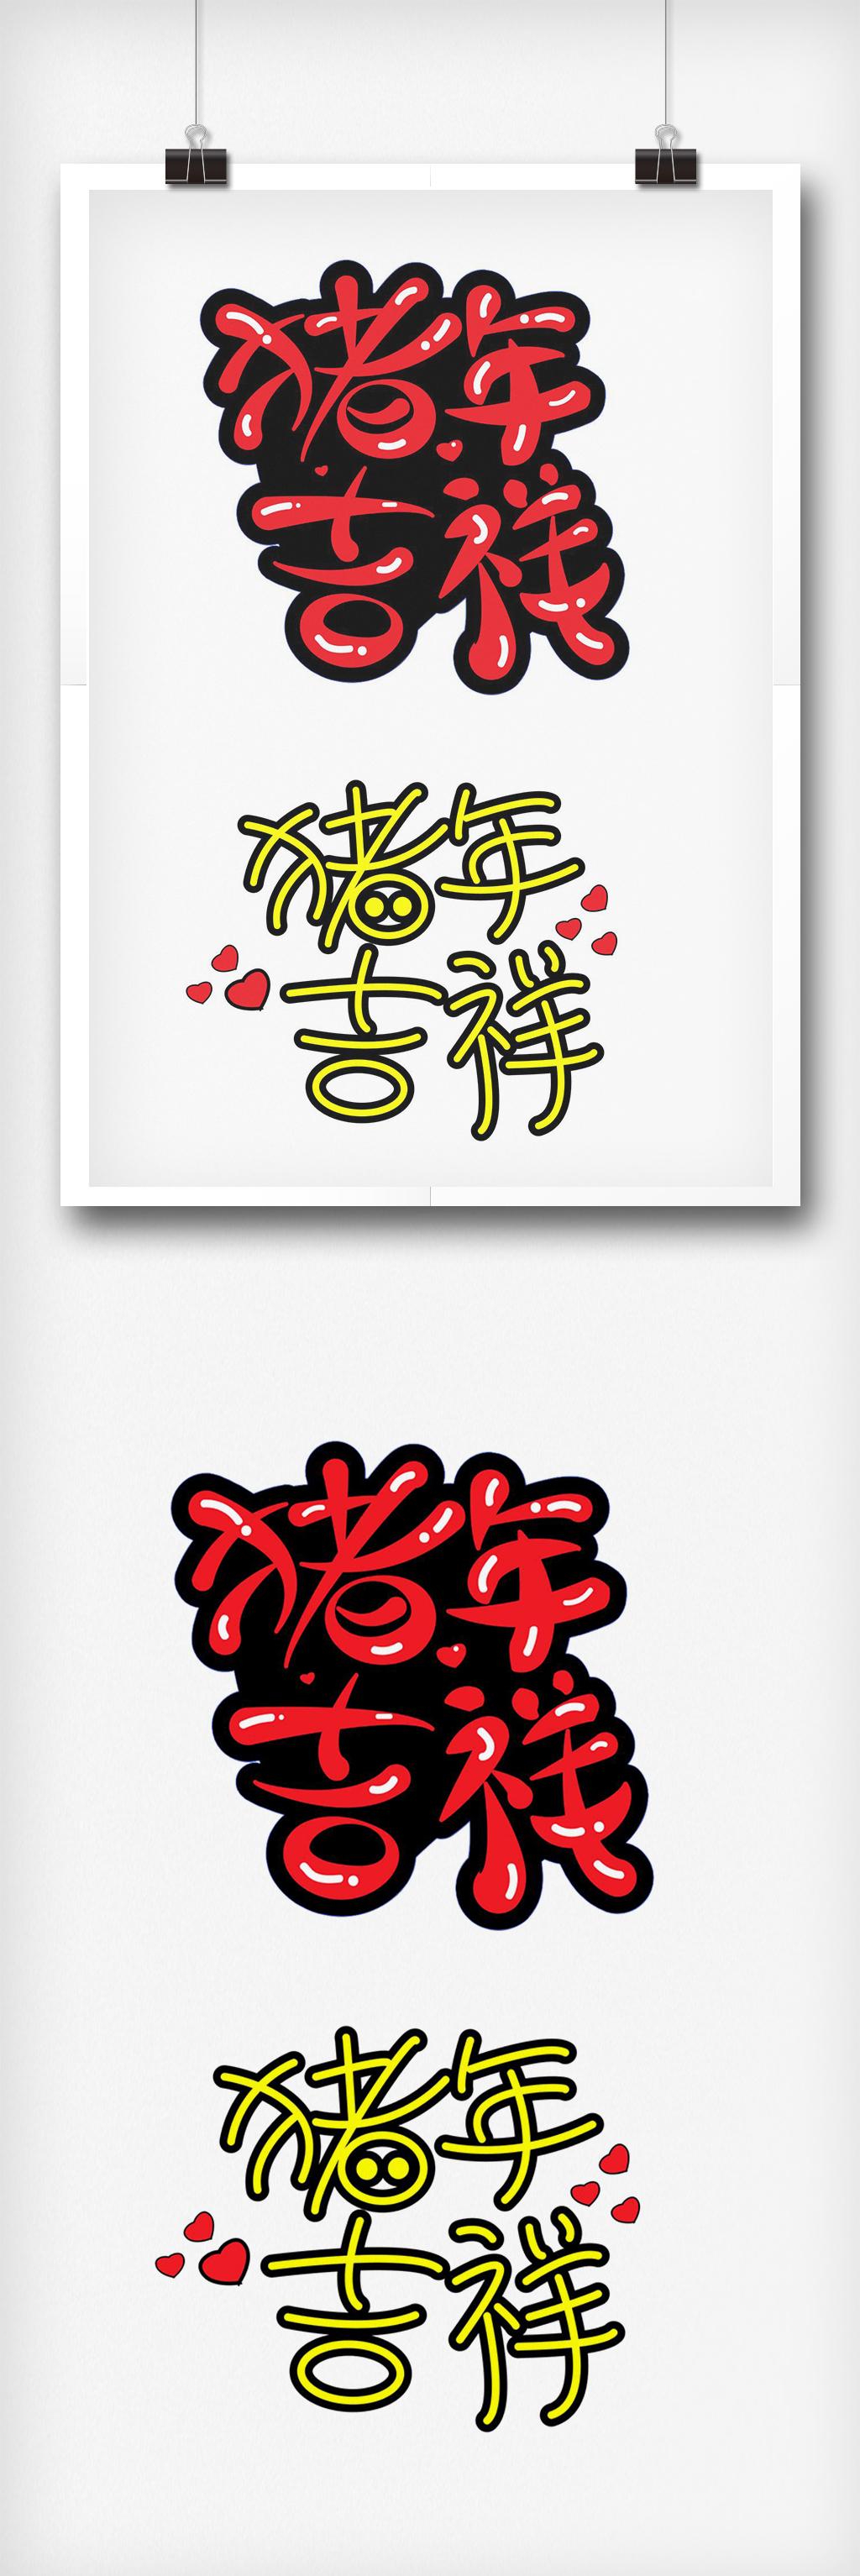 猪年吉祥字体设计字体排版设计元素